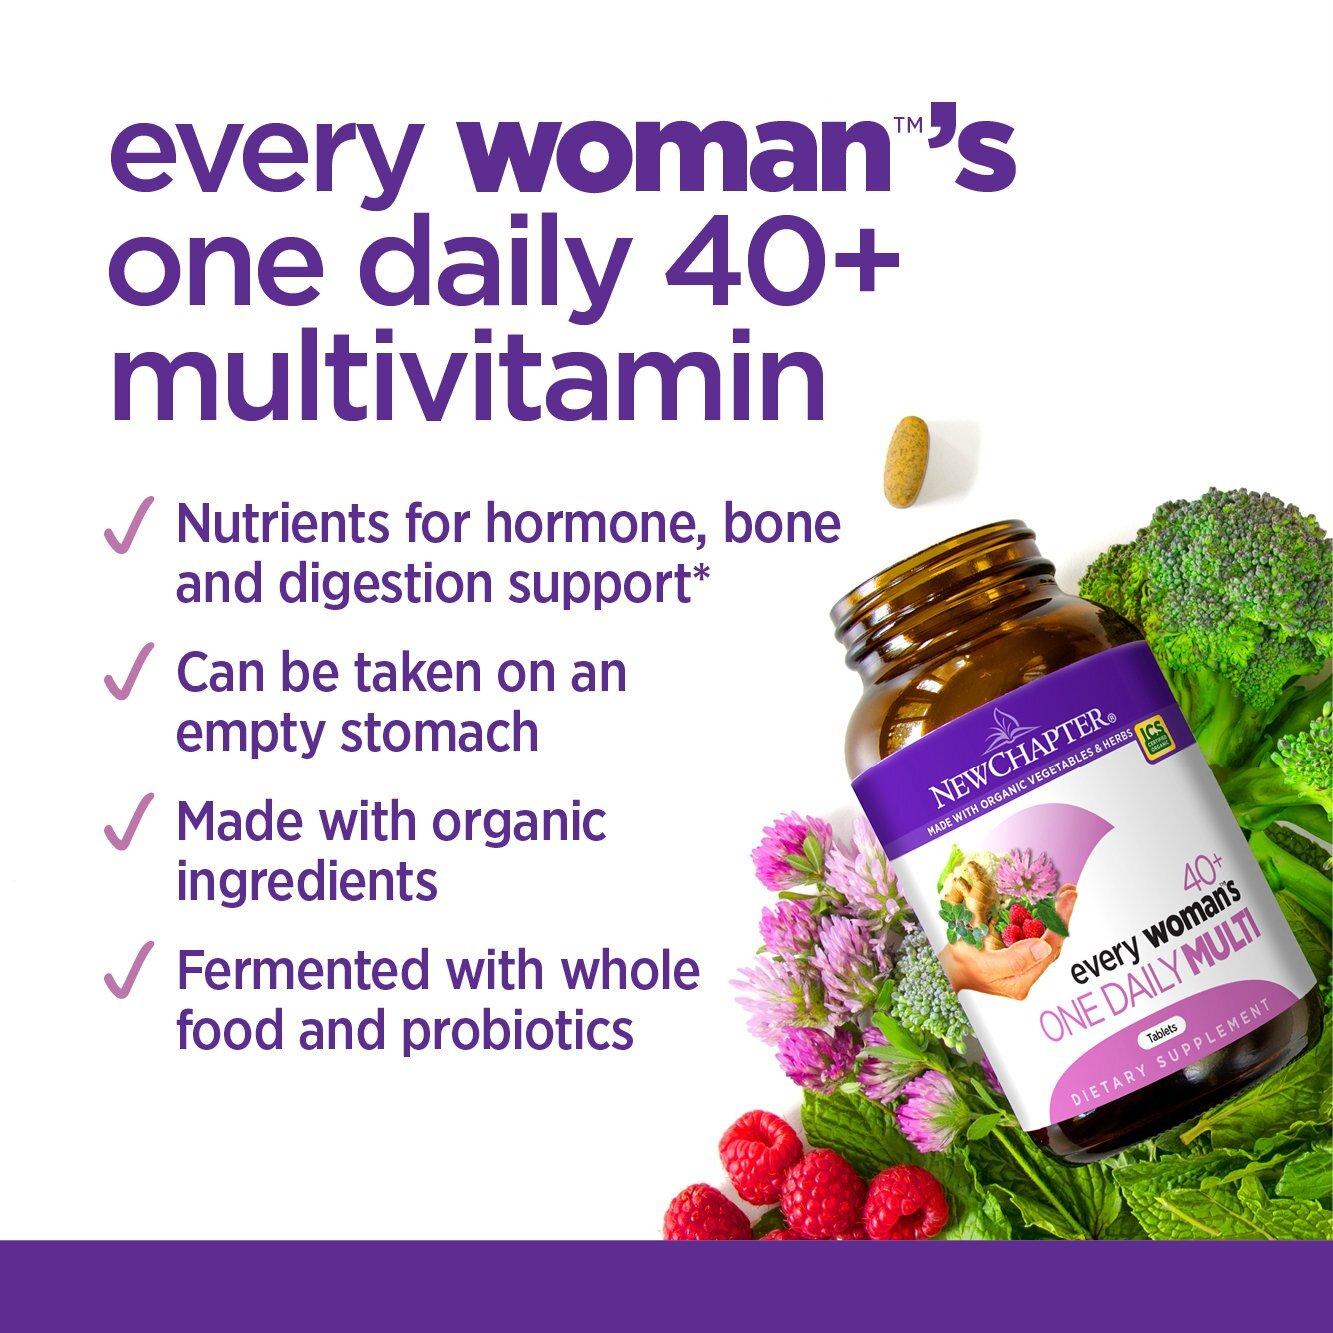 Thực phẩm chức năng cung cấp vitamin tổng hợp New Chapter Every Woman's One Daily Multi